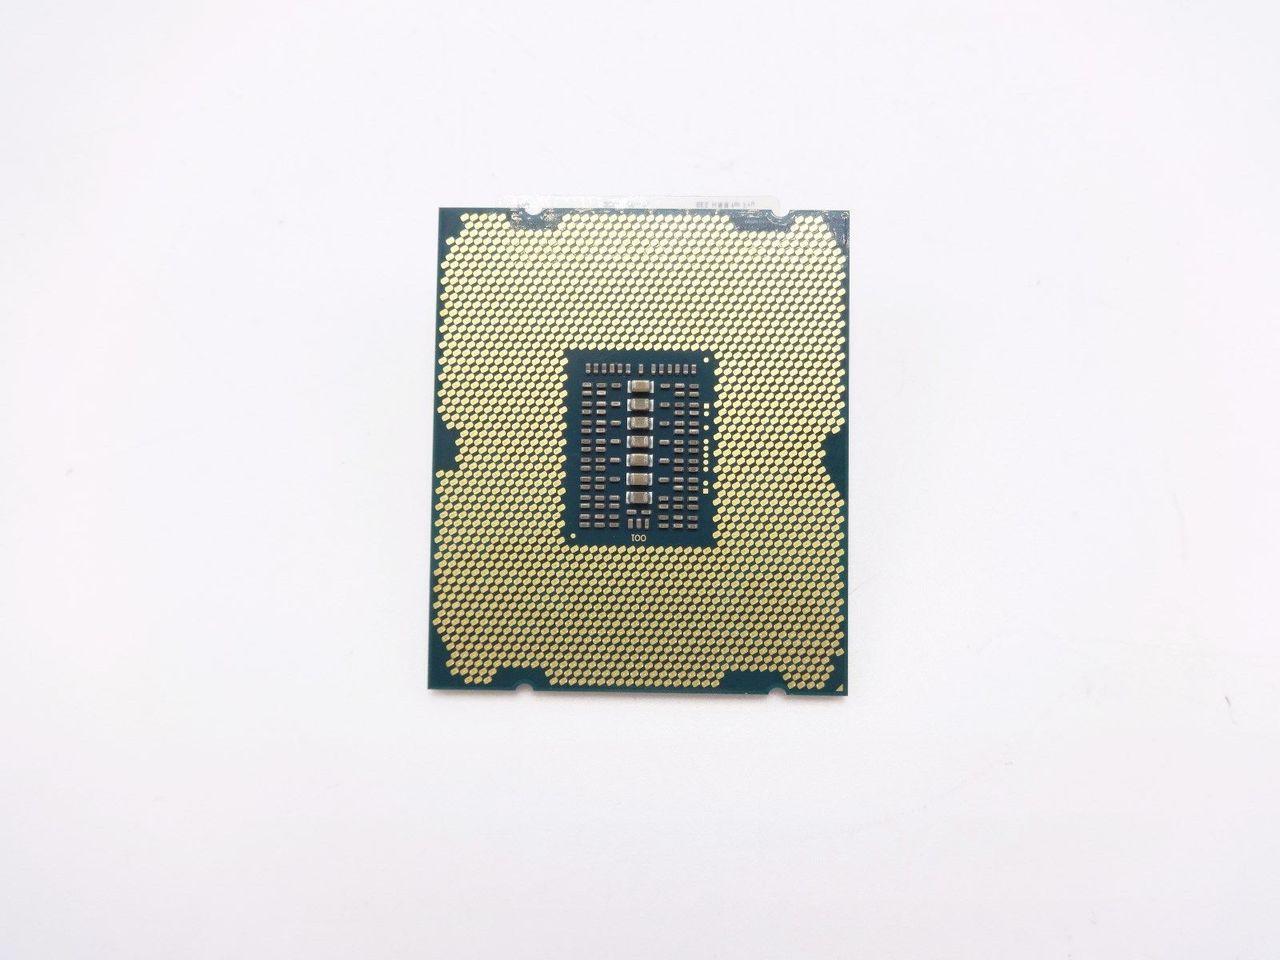 Intel Xeon E5-2643V2 3.5GHz 6 Core Processor SR19X